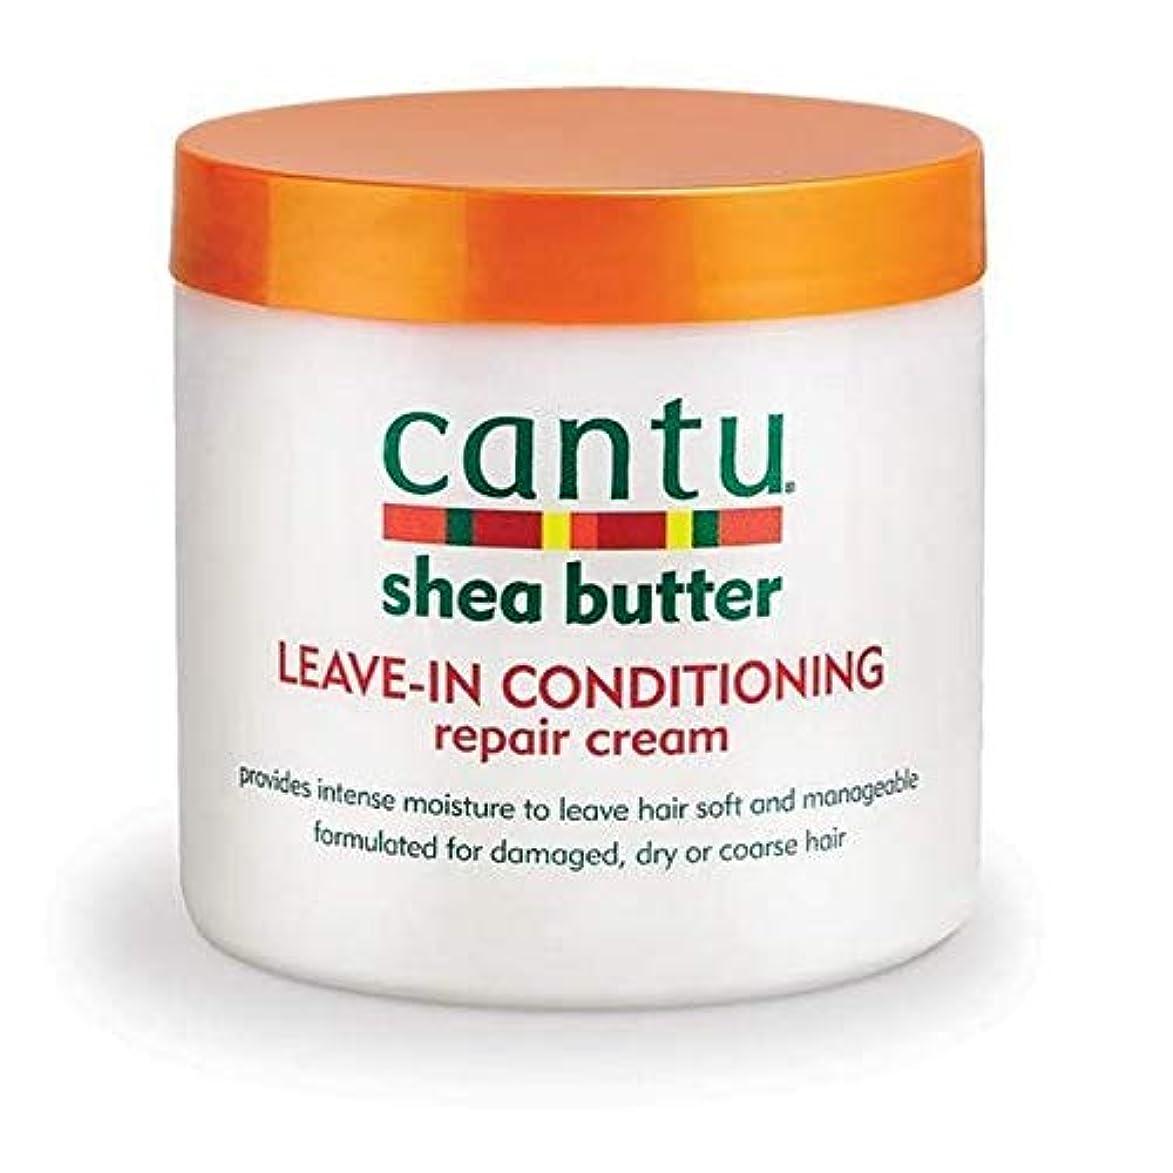 マニアック初期の合併症[Cantu ] エアコン修理クリーム453グラムでカントゥシアバター休暇 - Cantu Shea Butter Leave in Conditioning Repair Cream 453g [並行輸入品]